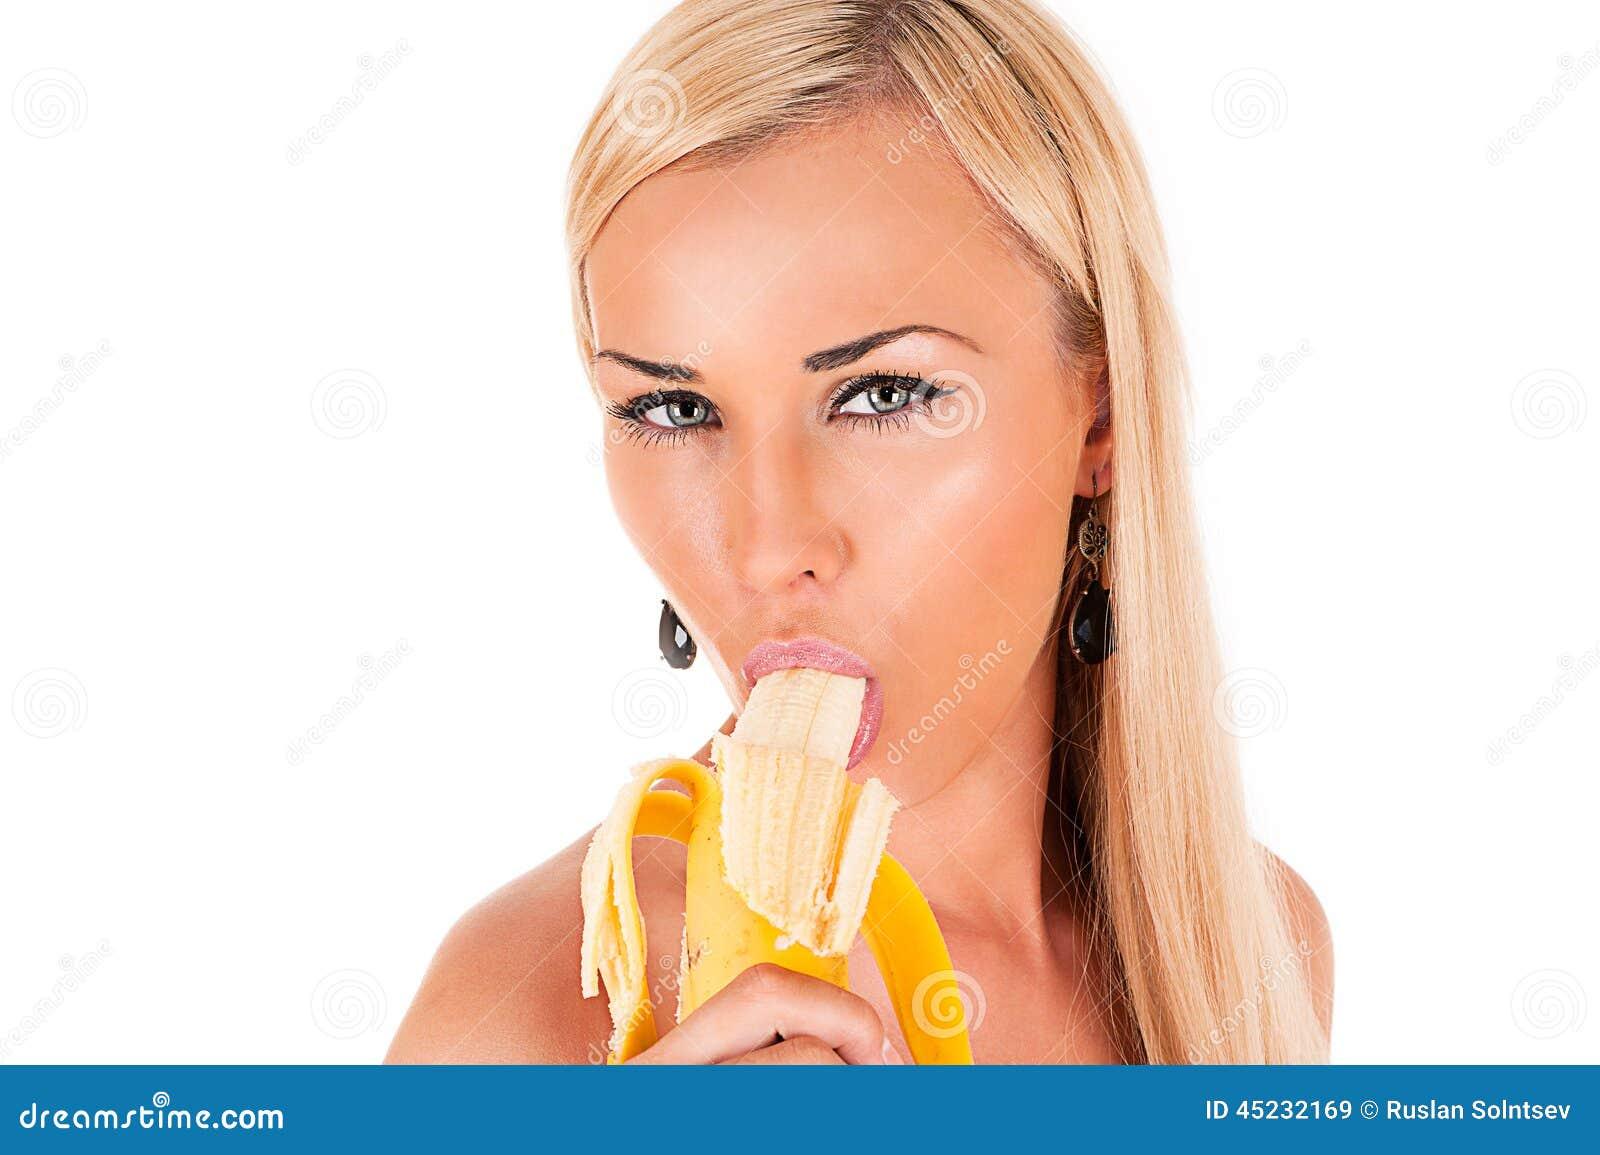 kak-devushki-erotichno-edyat-banani-kartinki